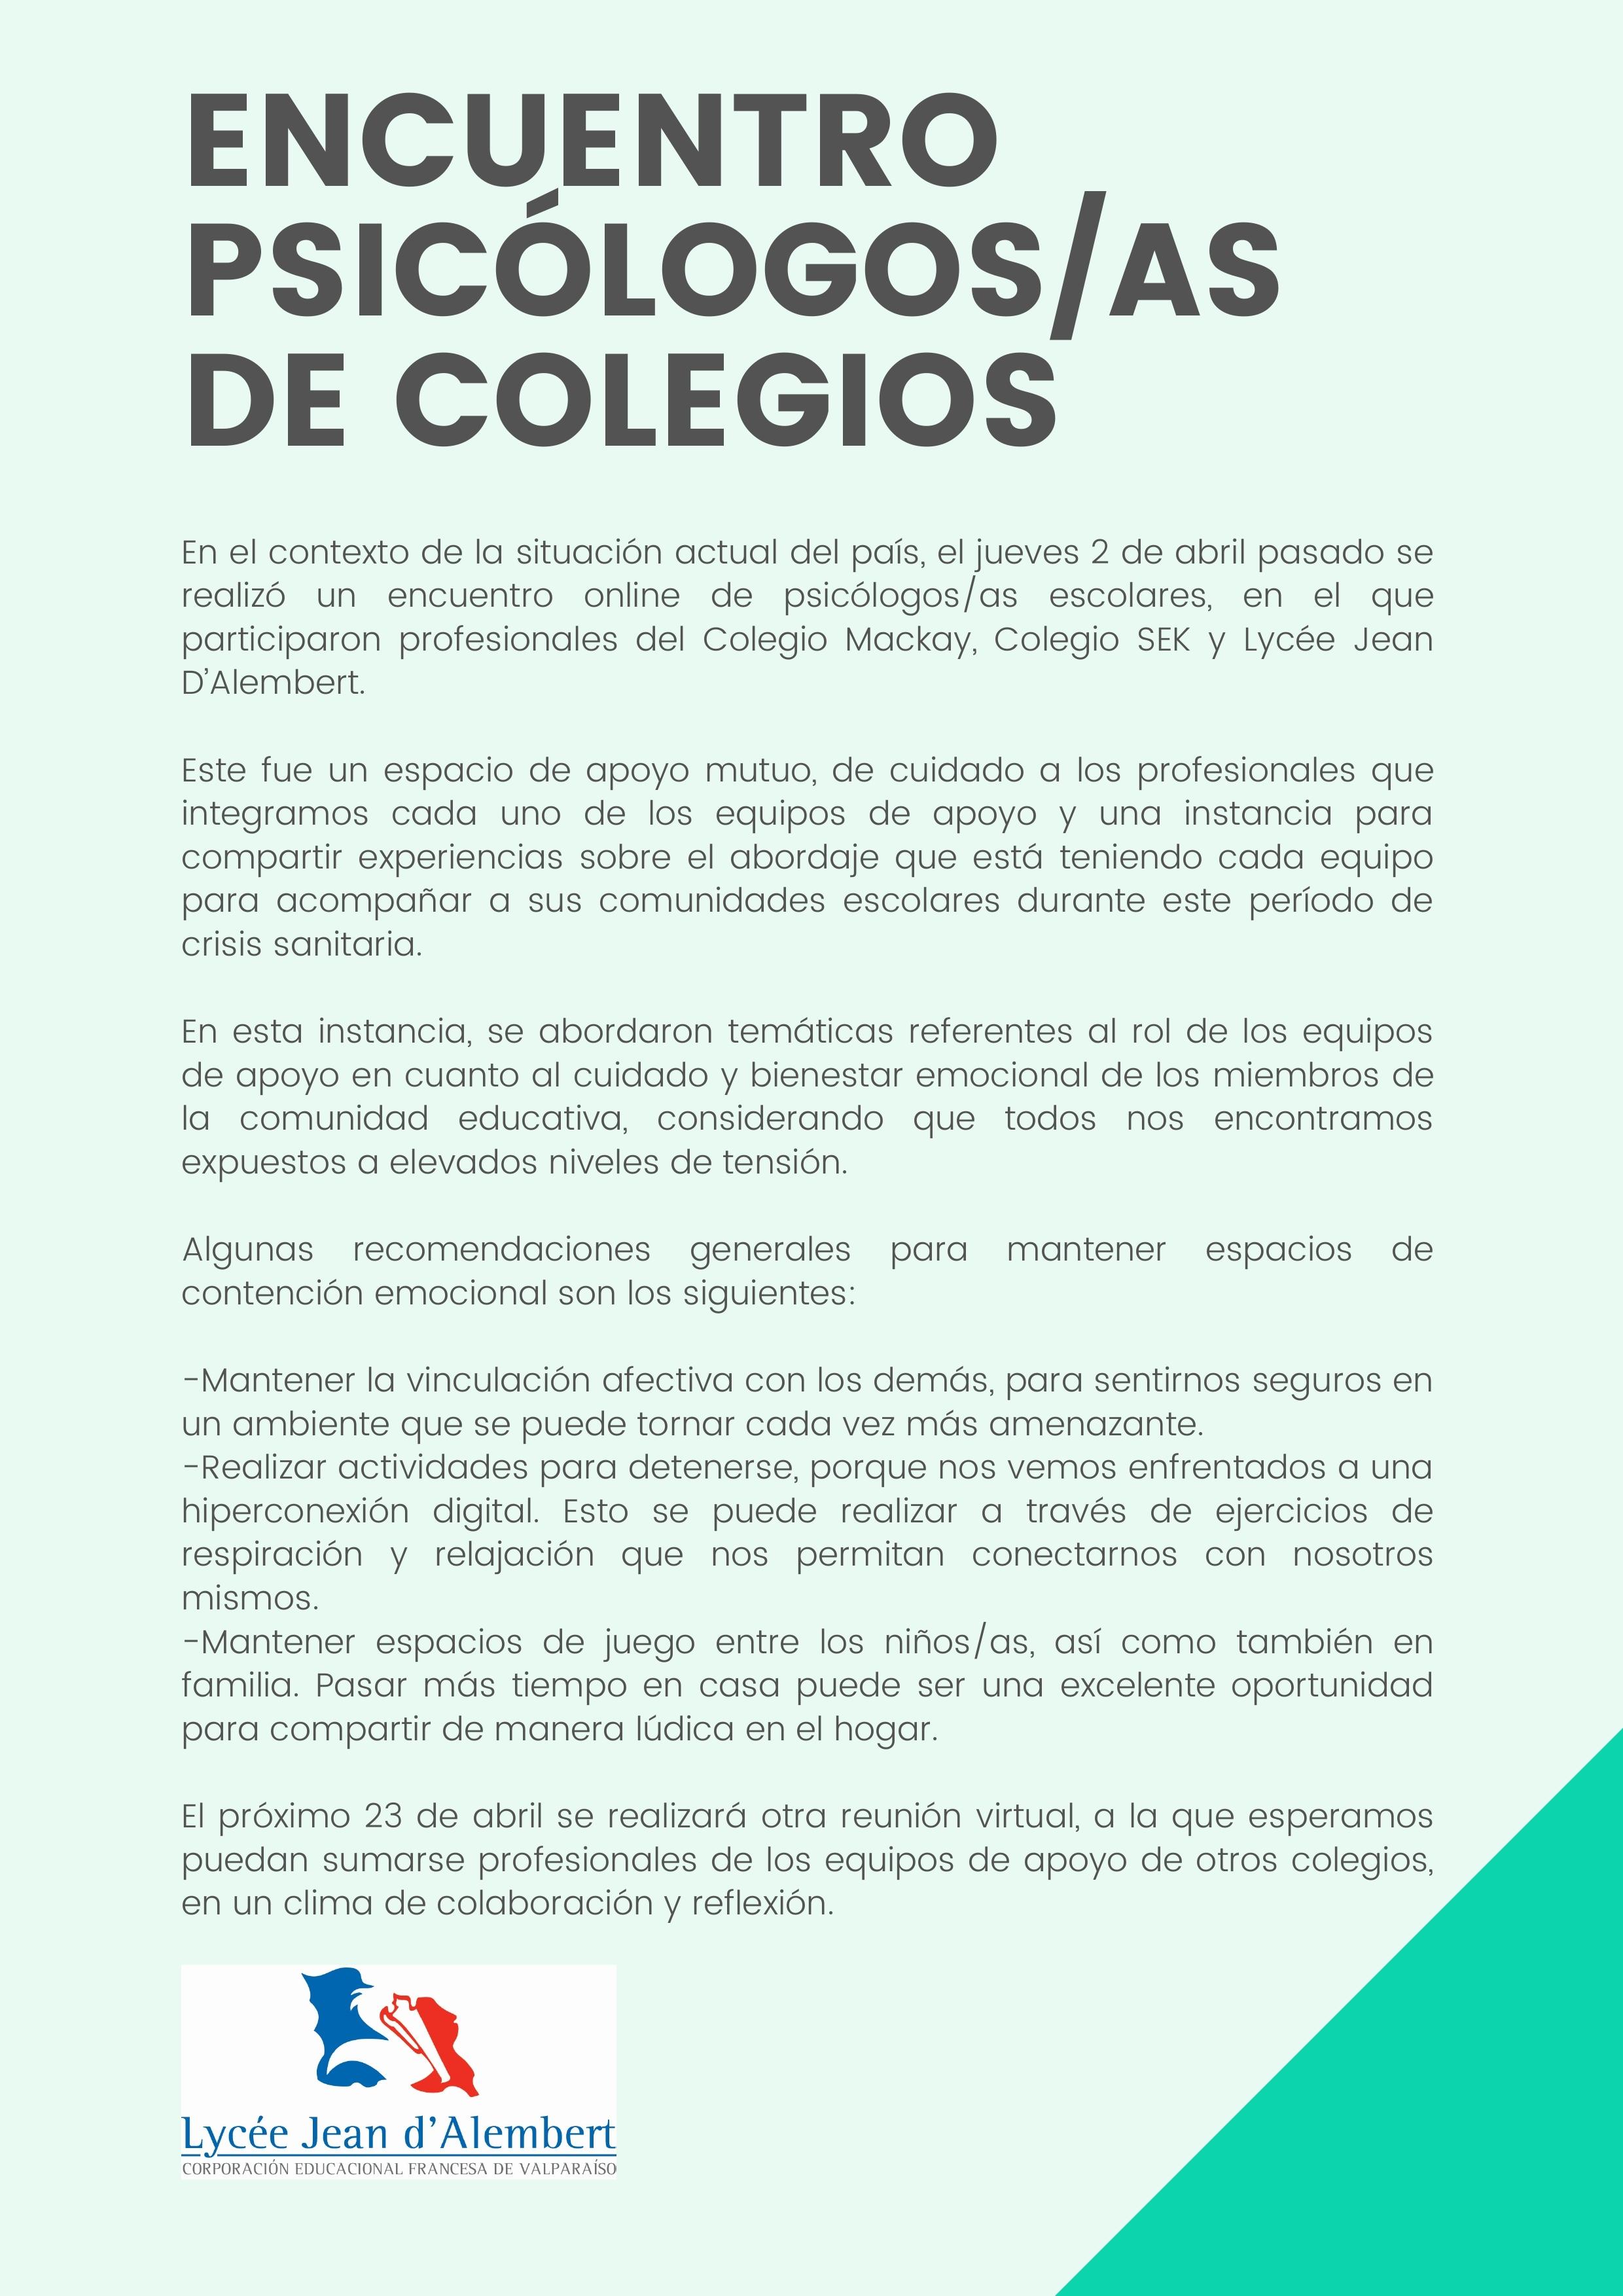 ENCUENTRO PSICÓLOGOS/AS DE COLEGIOS